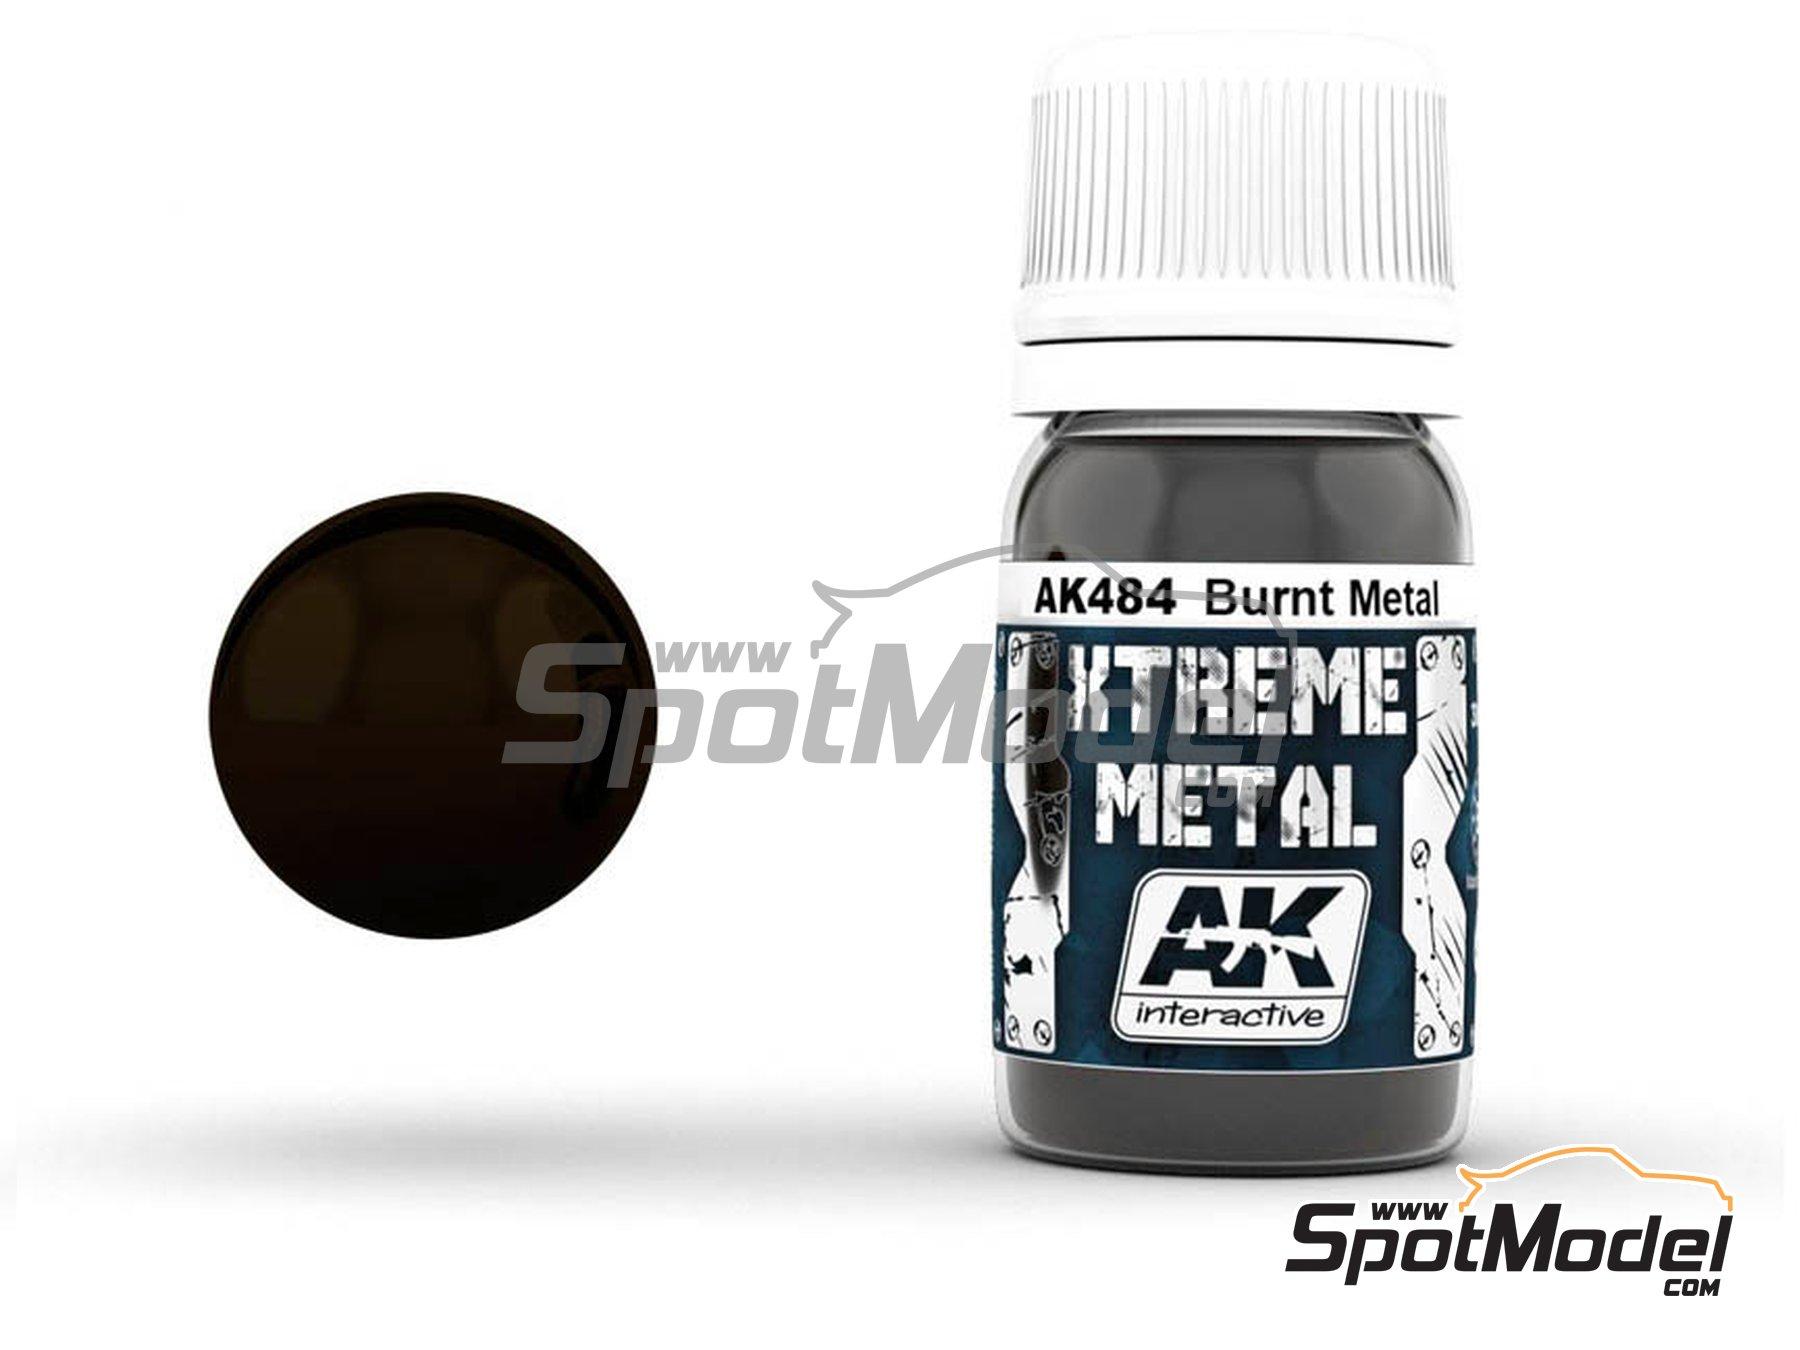 Image 1: Metal quemado | Pintura Xtreme metal fabricado por AK Interactive (ref.AK-484)